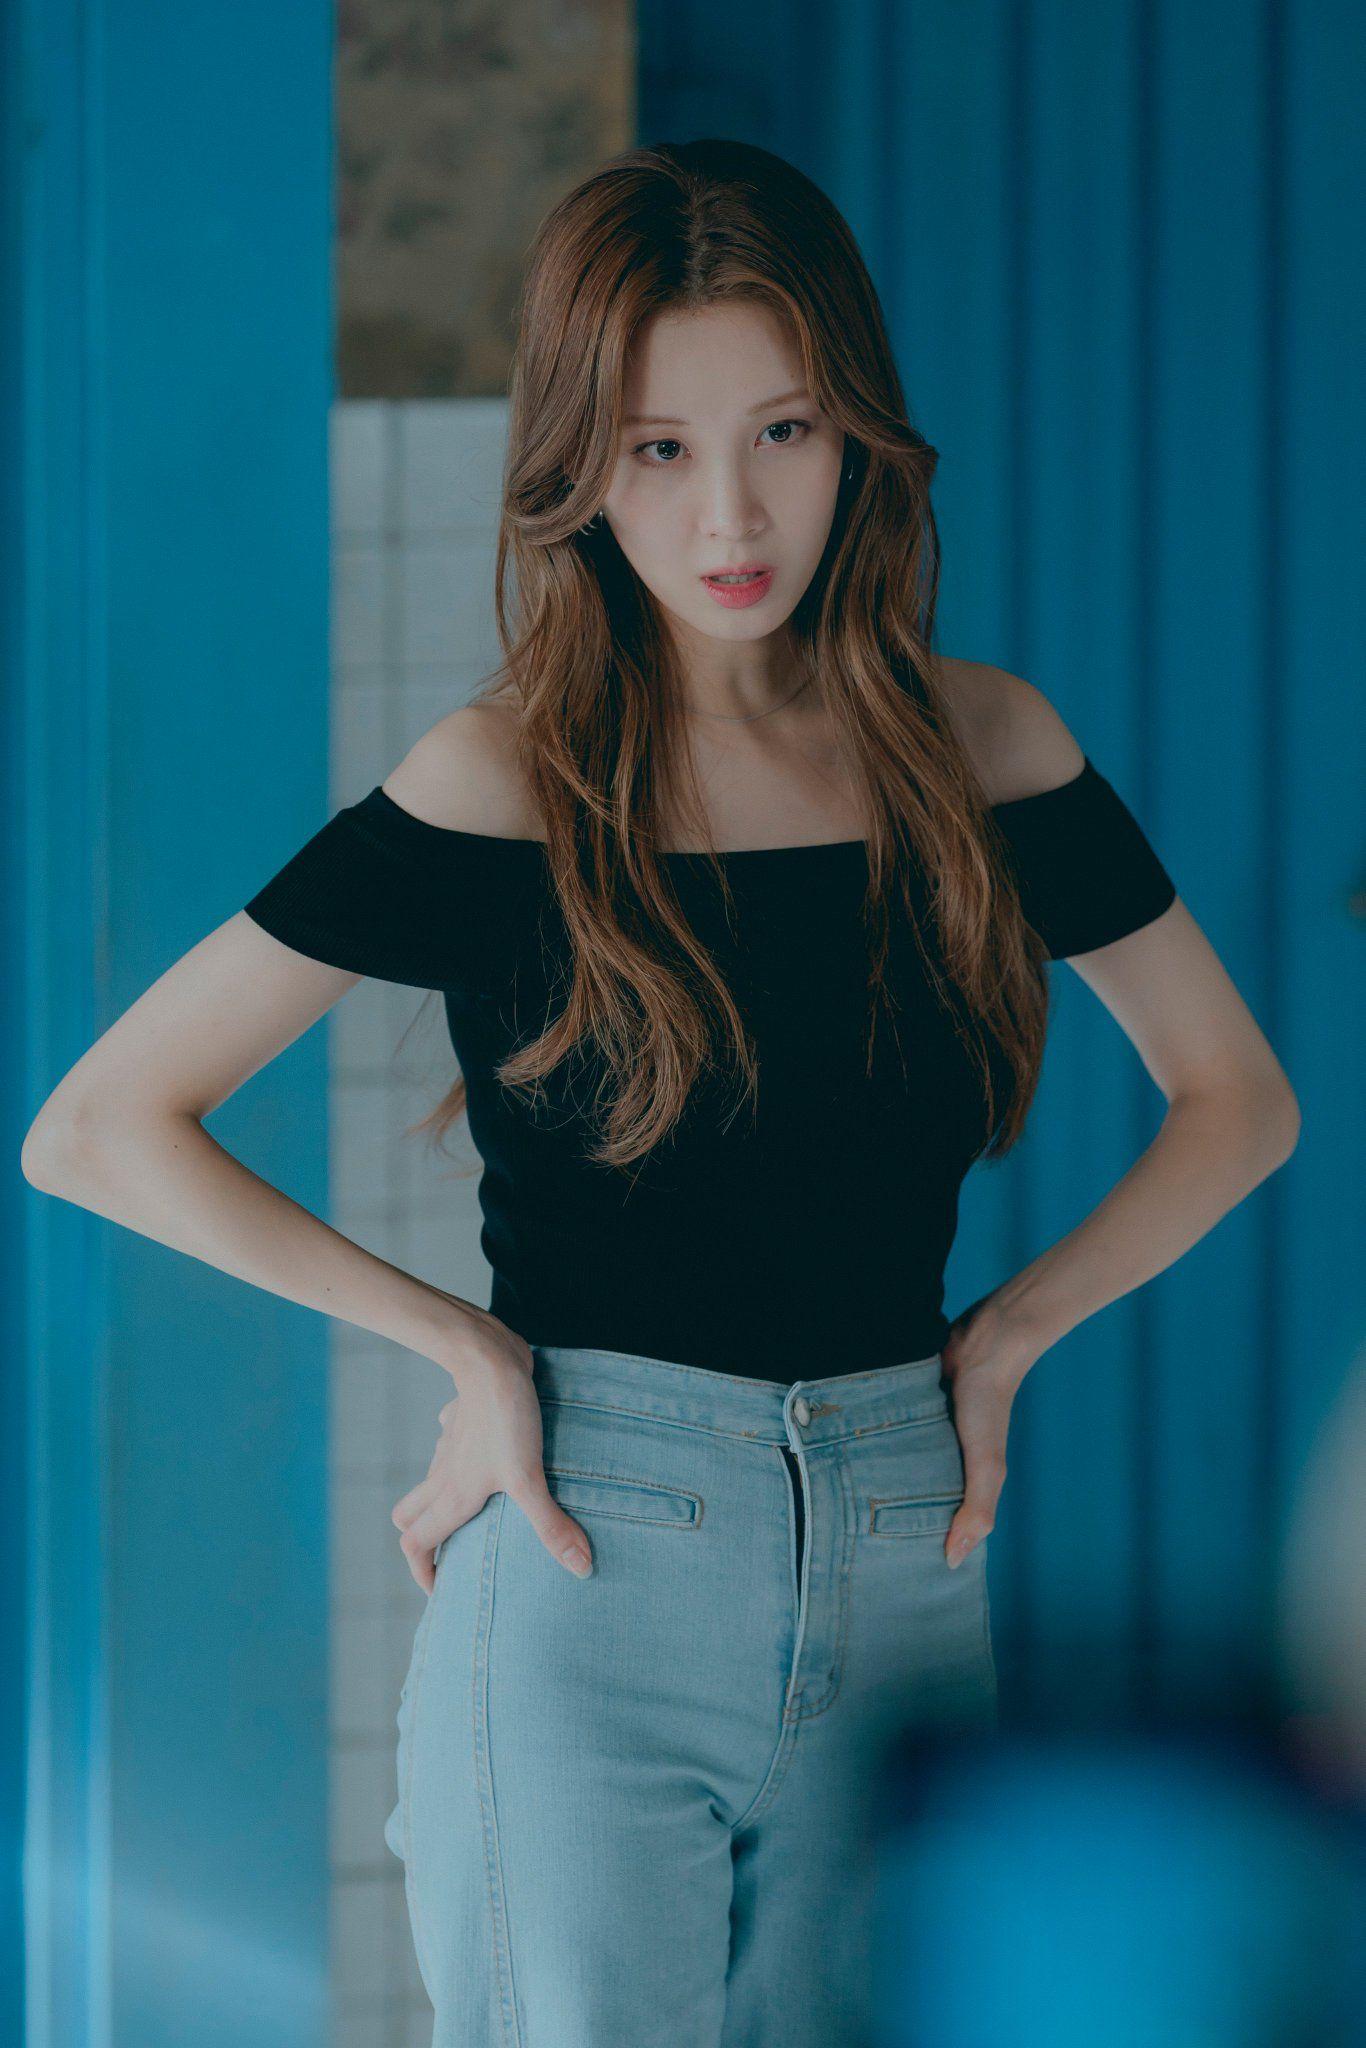 ปักพินโดย 🌻Littleday🌻 ใน Seohyun 628   ผู้หญิง, ชุดราตรี, สวย